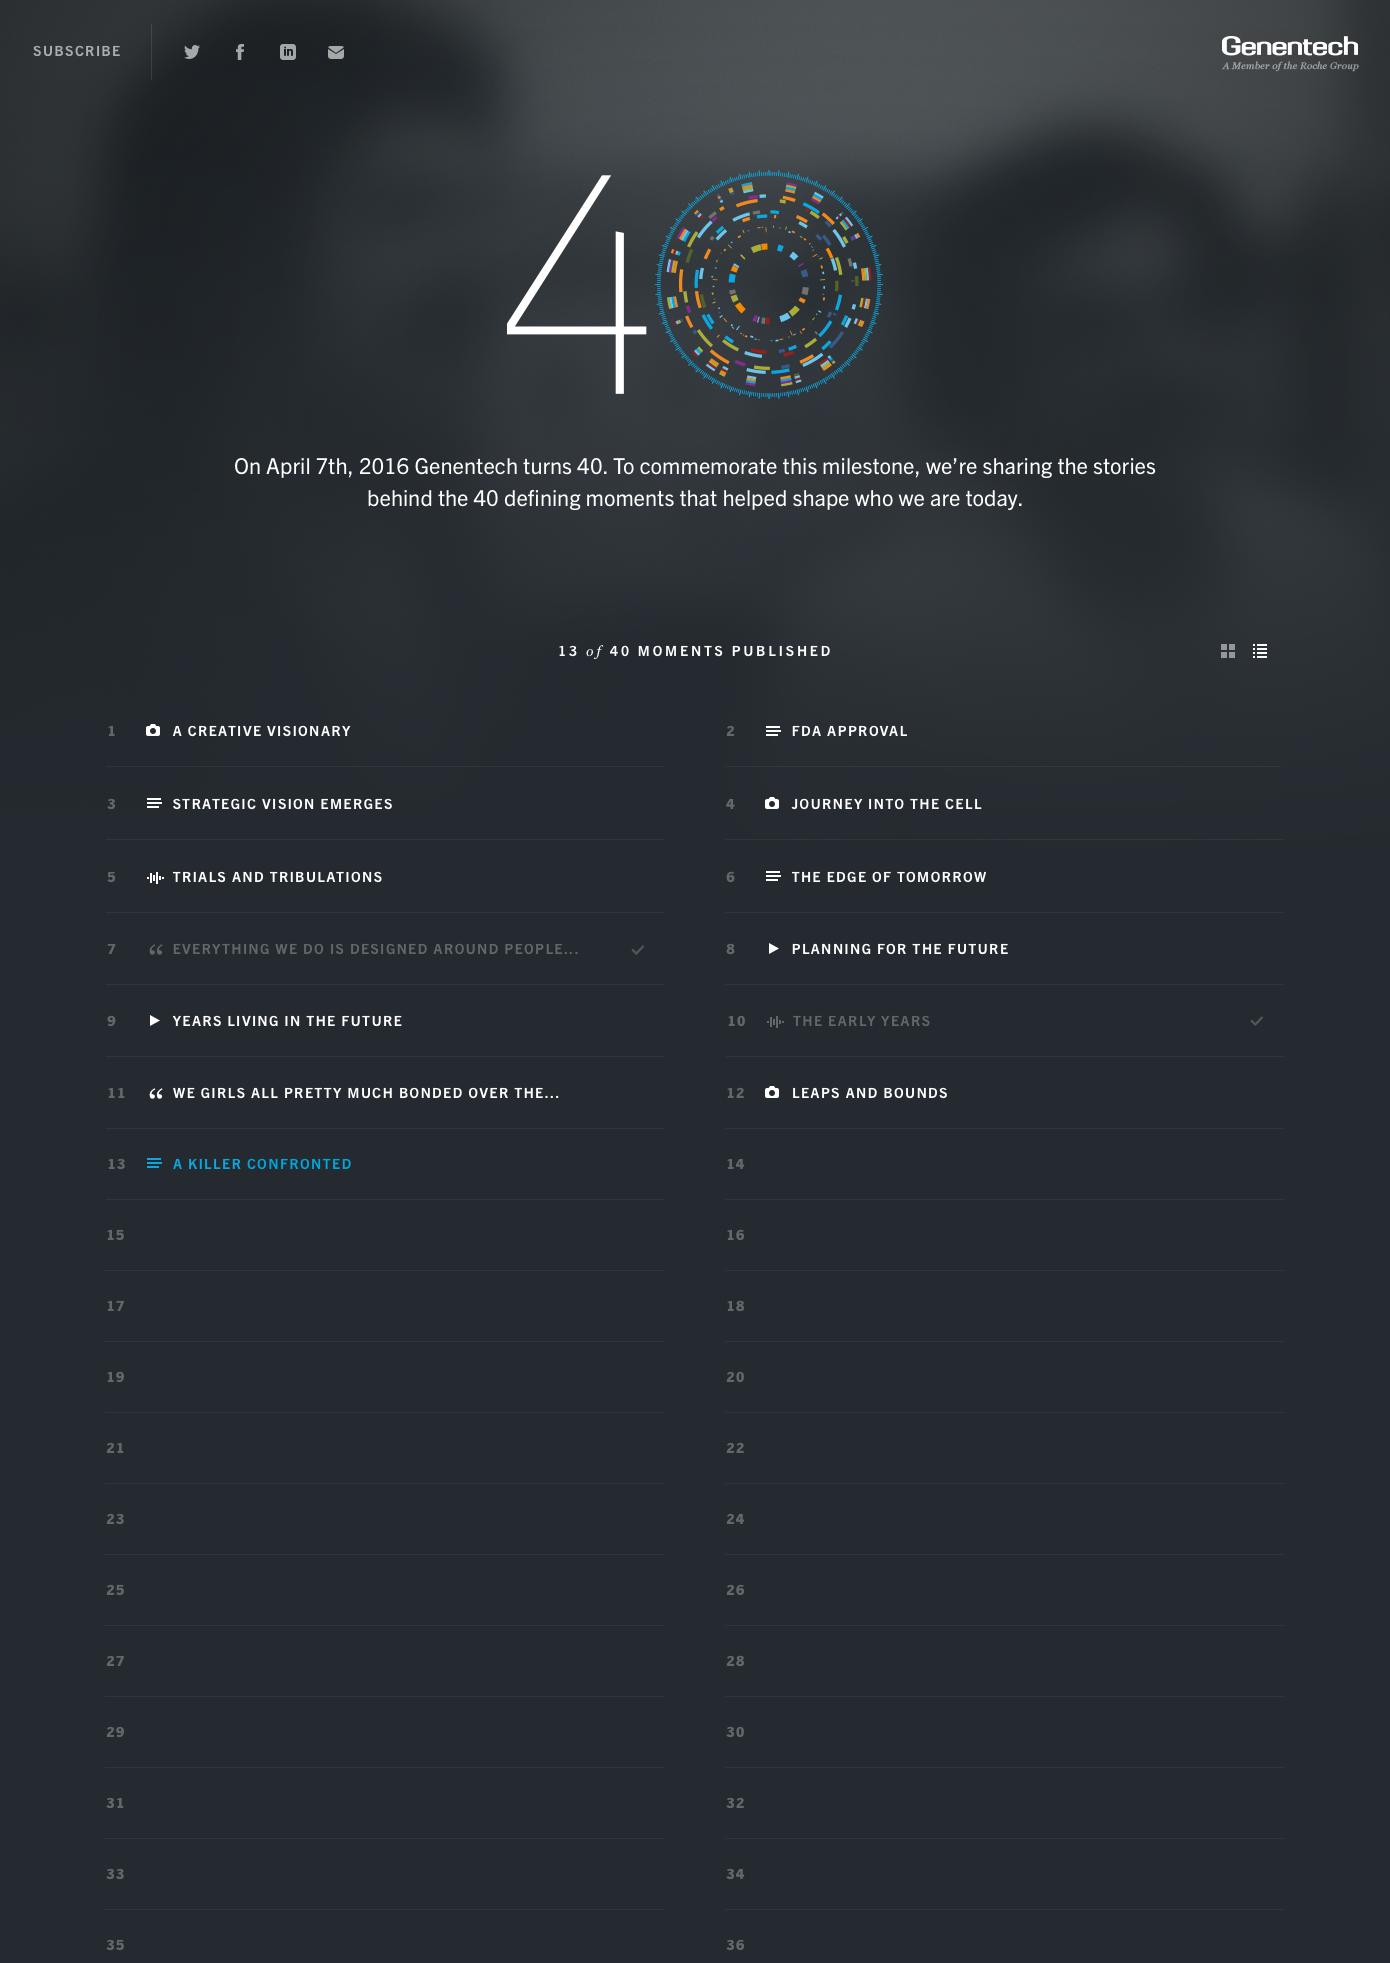 genentech-hub-list.jpg